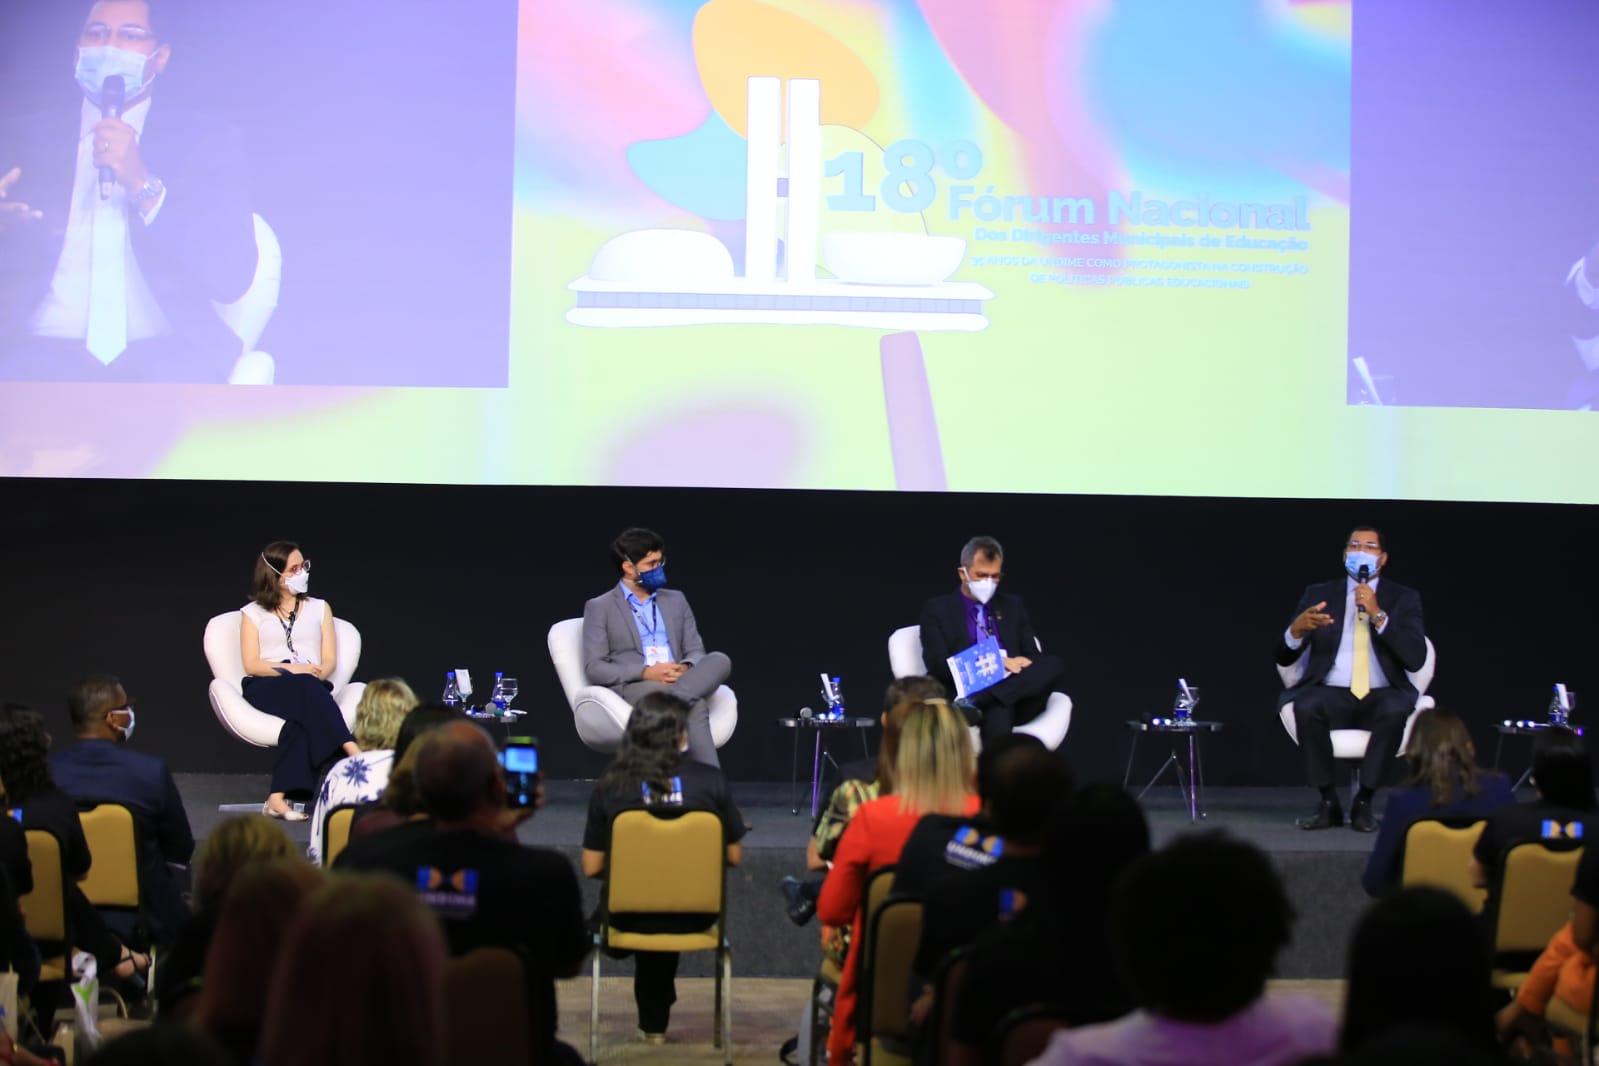 Especialistas debatem sobre o novo Fundeb no 18º Fórum Nacional da Undime